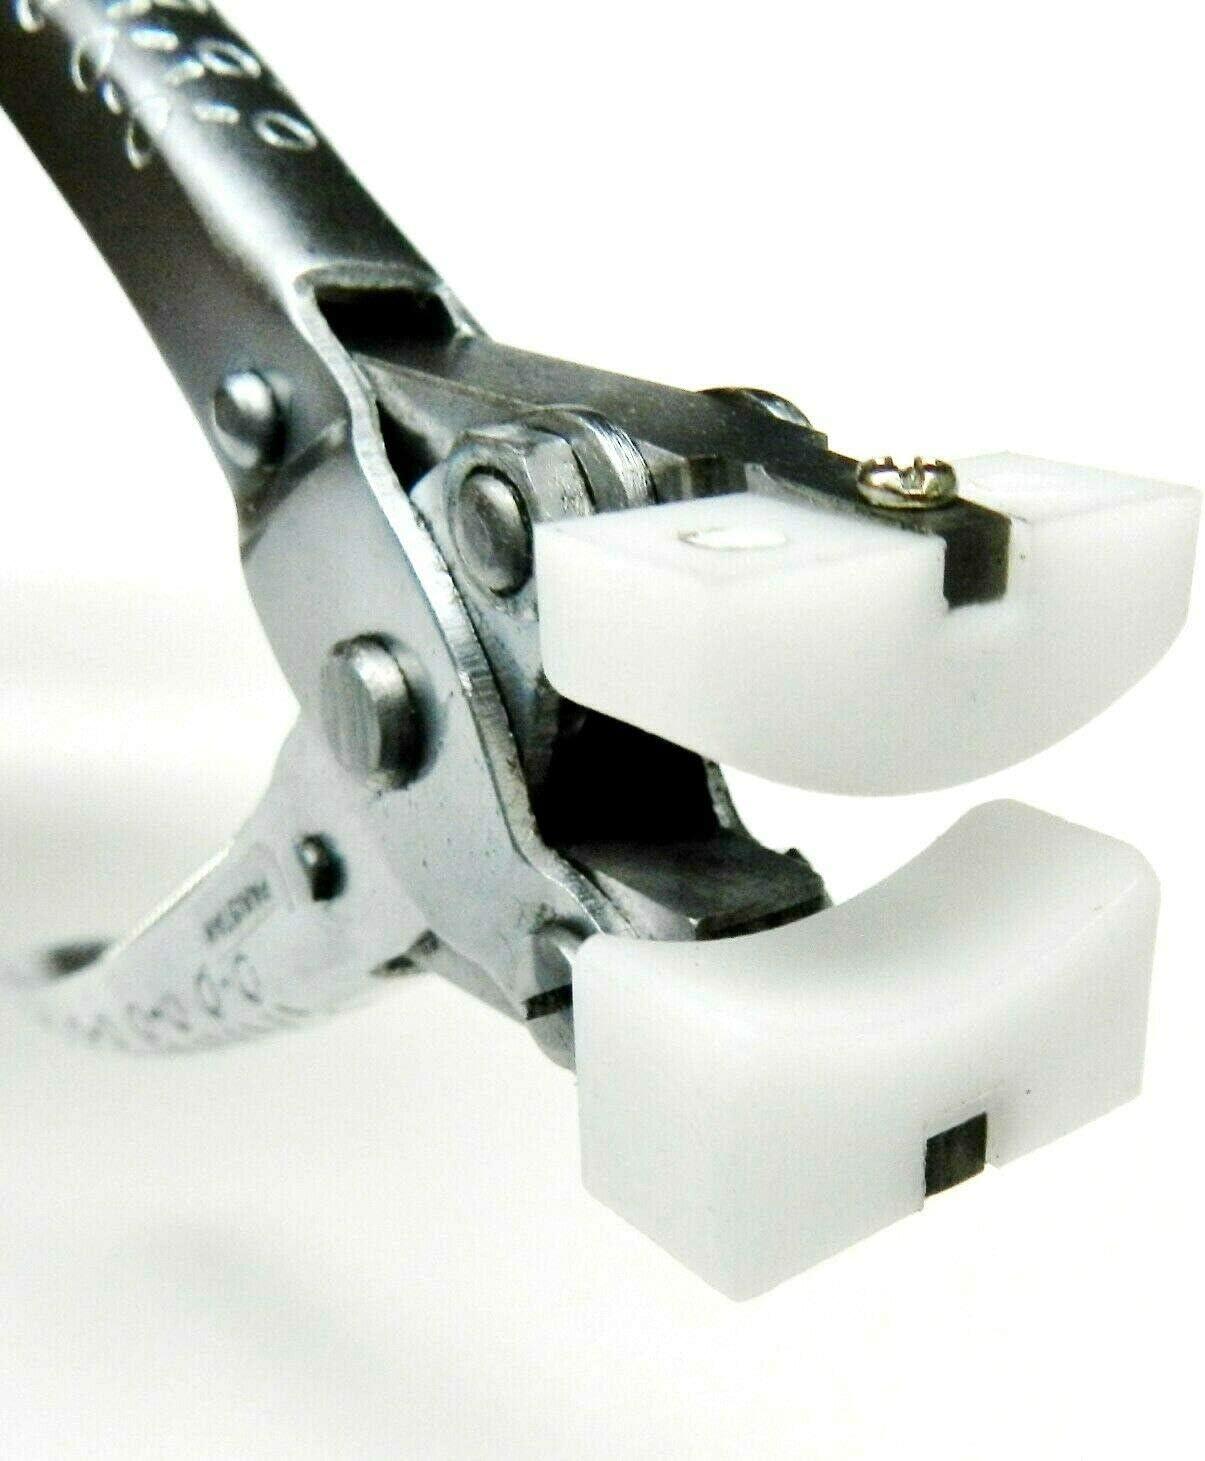 5-12 Inches Premium Series Bending Pliers ConcaveConvex Ring Bending Pliers PLR-725.00